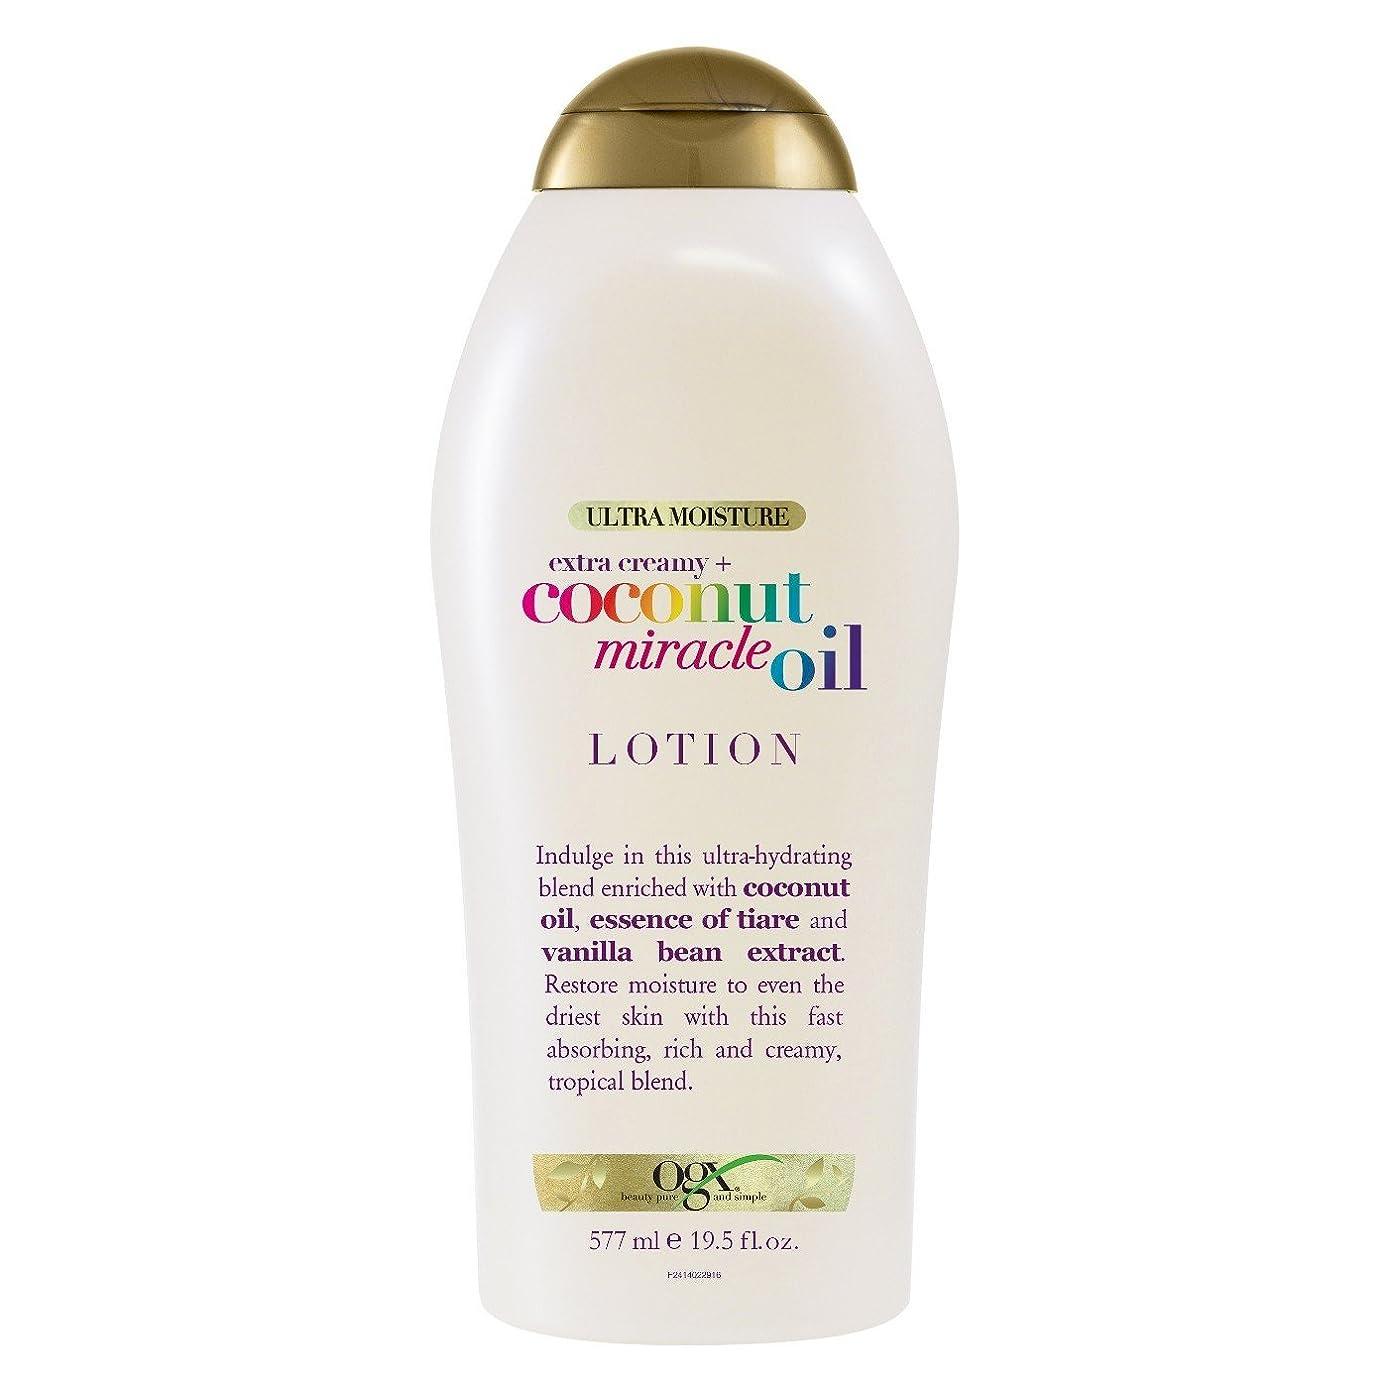 キュービック終わり共感するOGX ミラクル ココナッツ オイル ボディローション Body Lotion Coconut Oil Miracle 19.5 Ounce (577ml) [並行輸入品]